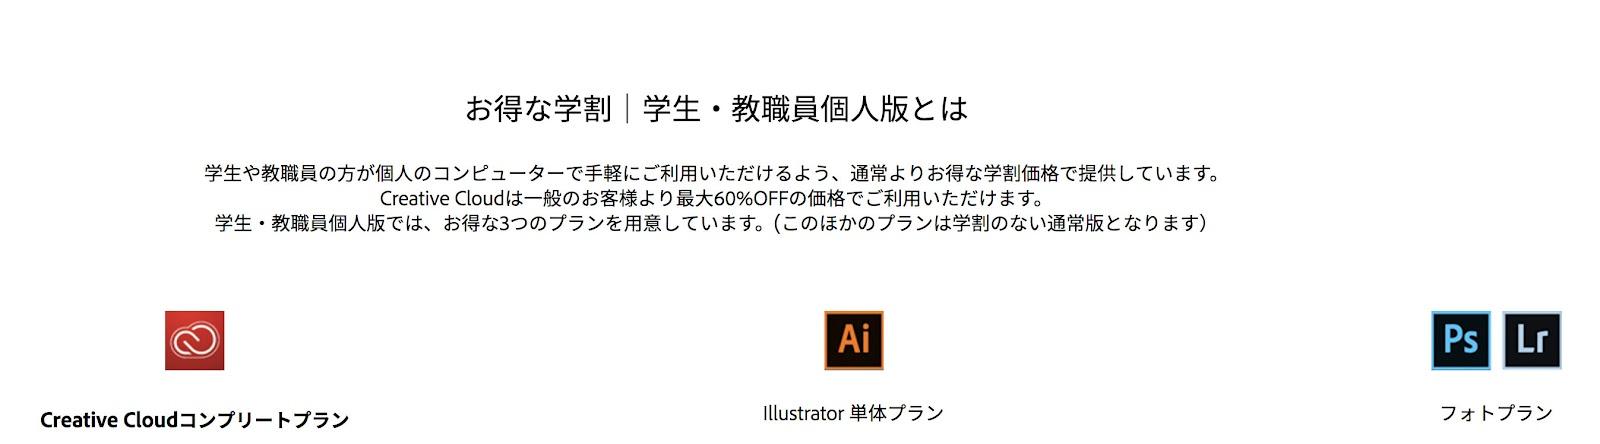 Adobegakuseiwaribikiyasui